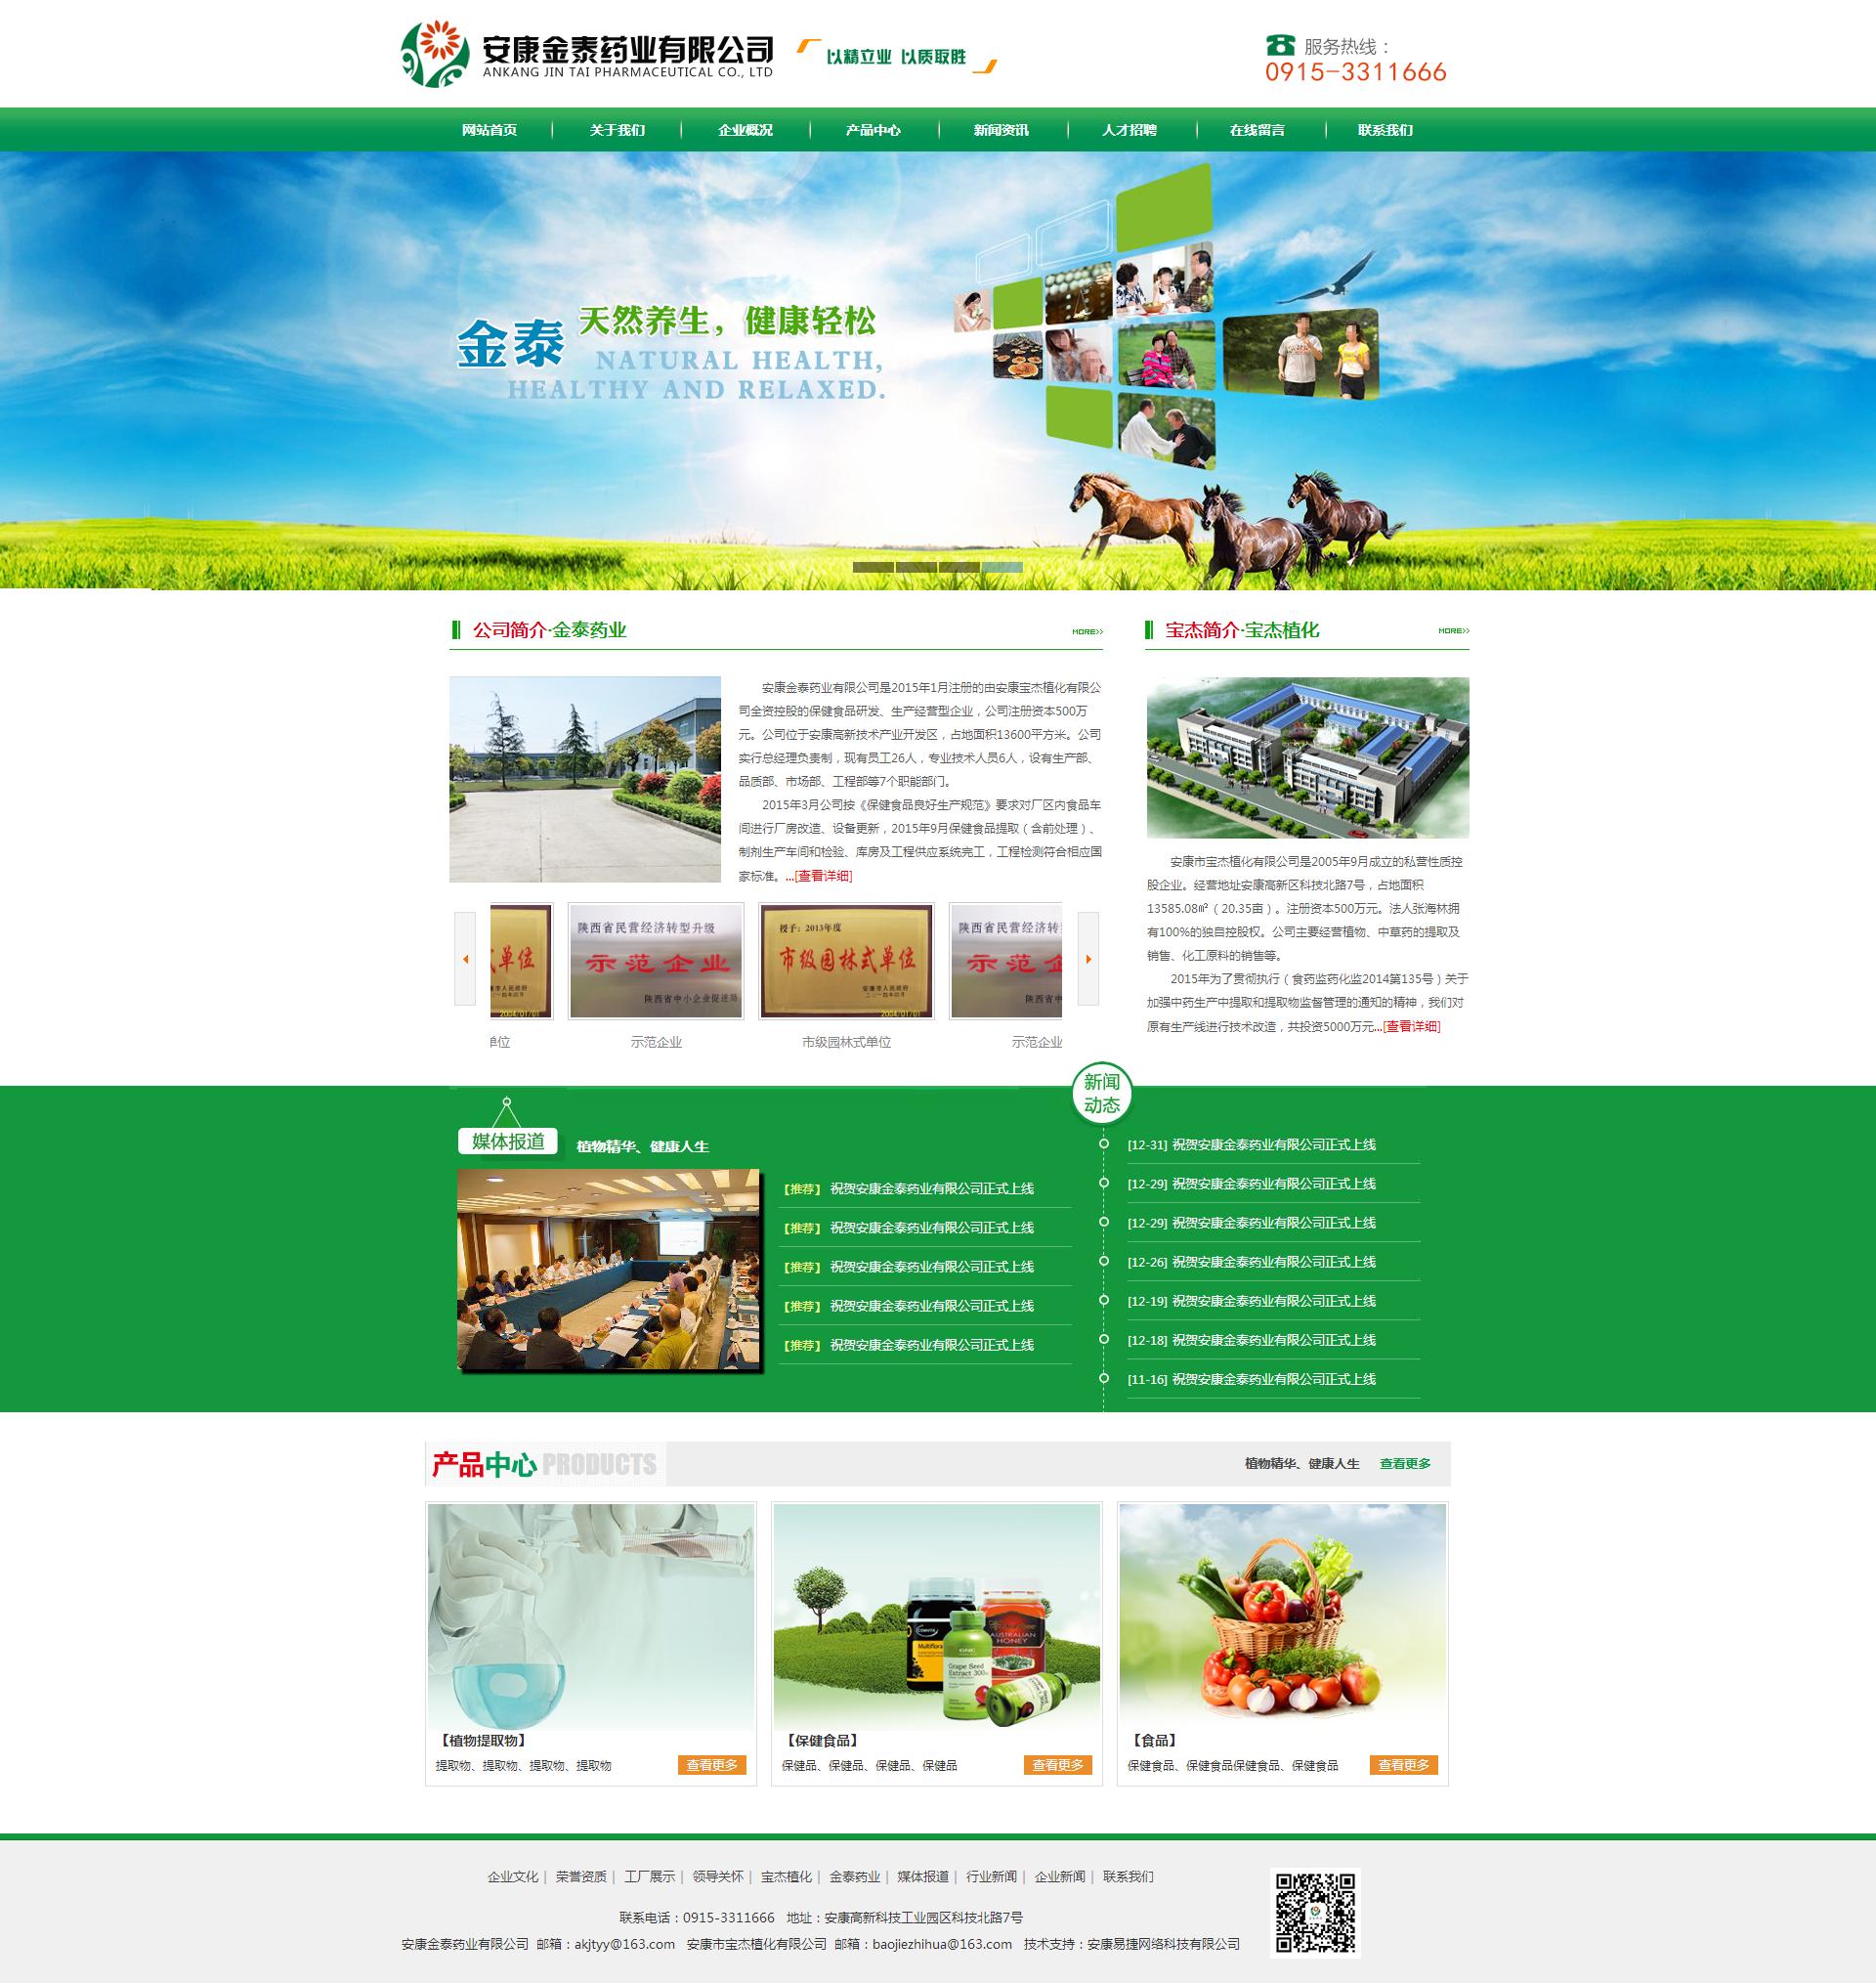 龙8娱乐金泰药业有限公司官网